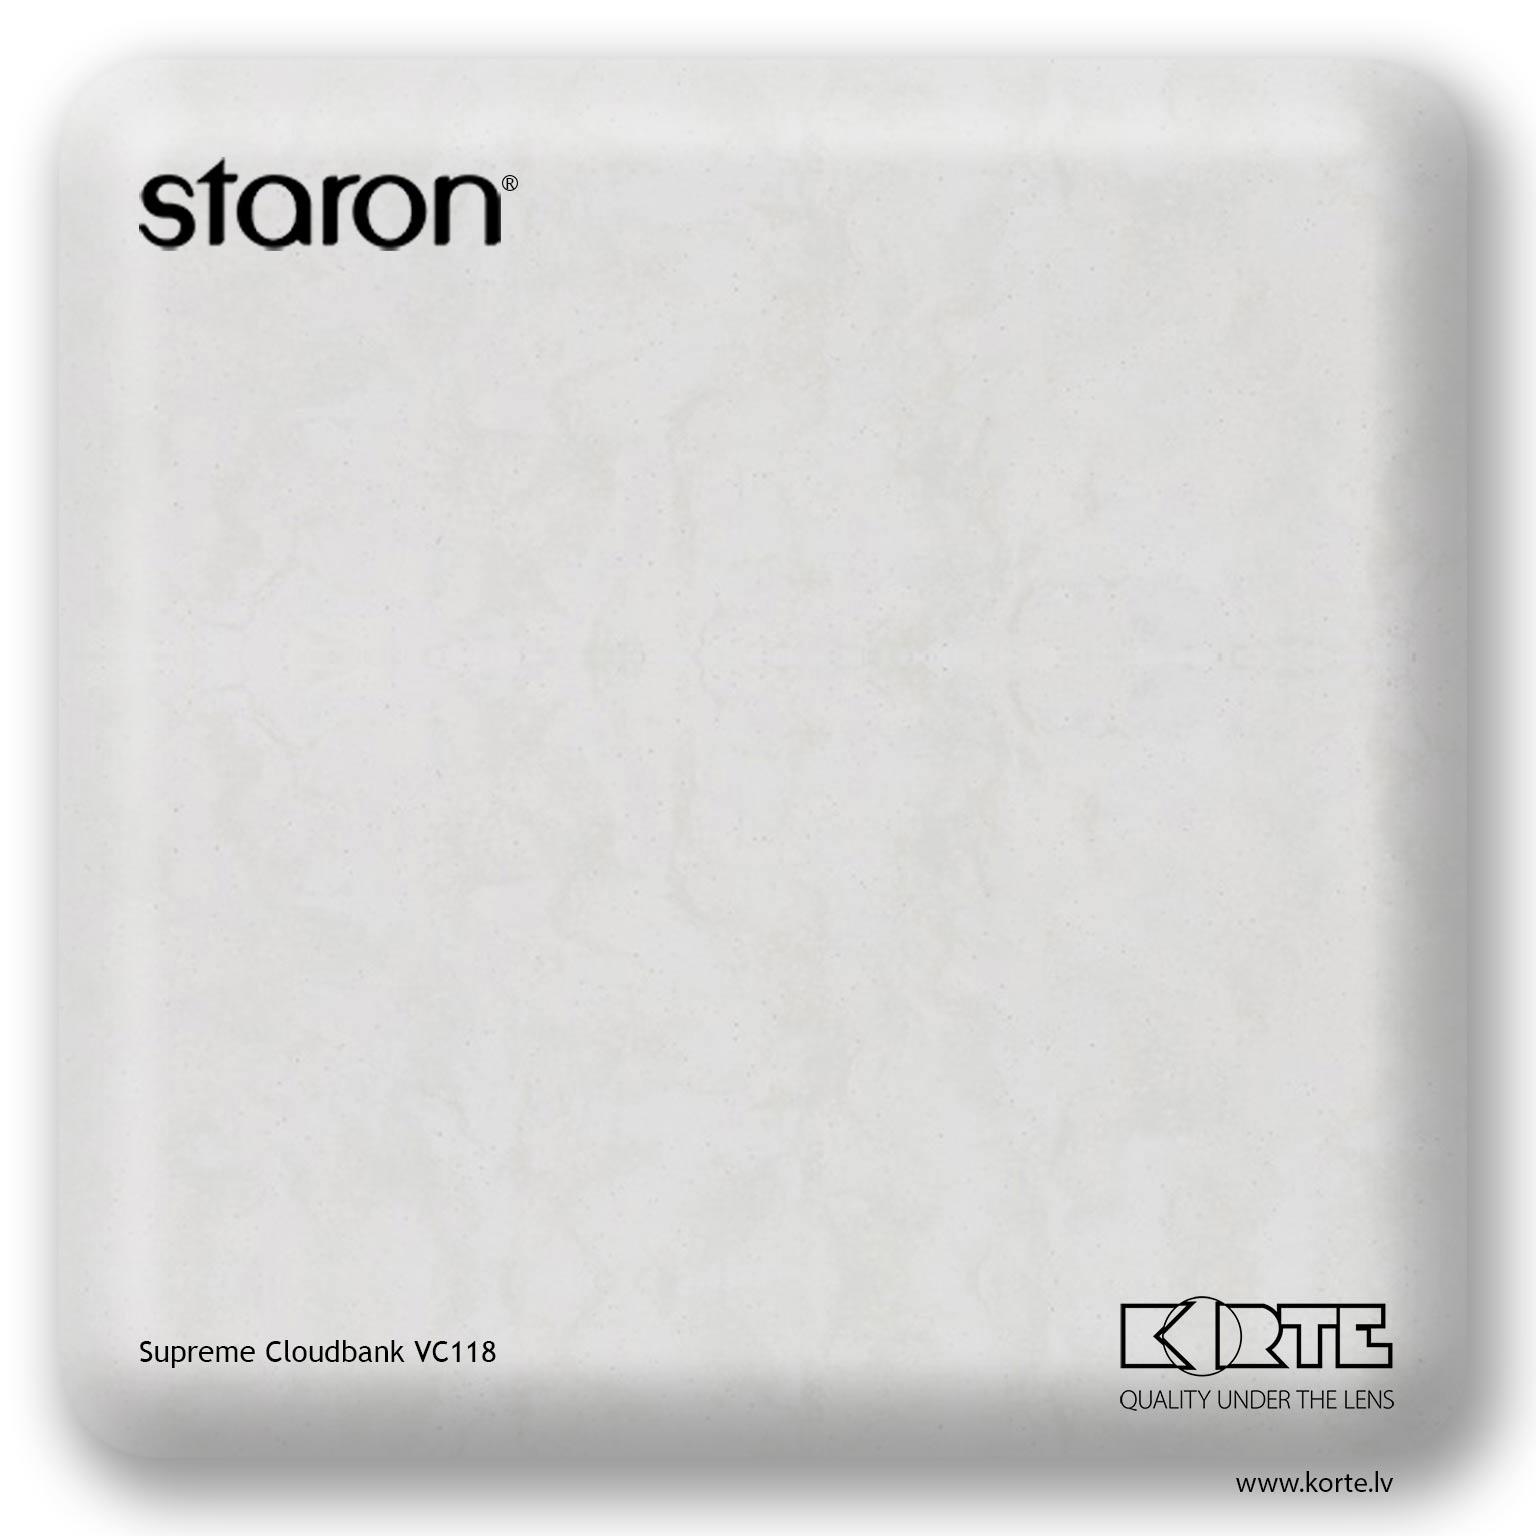 Staron Supreme Cloudbank VC118